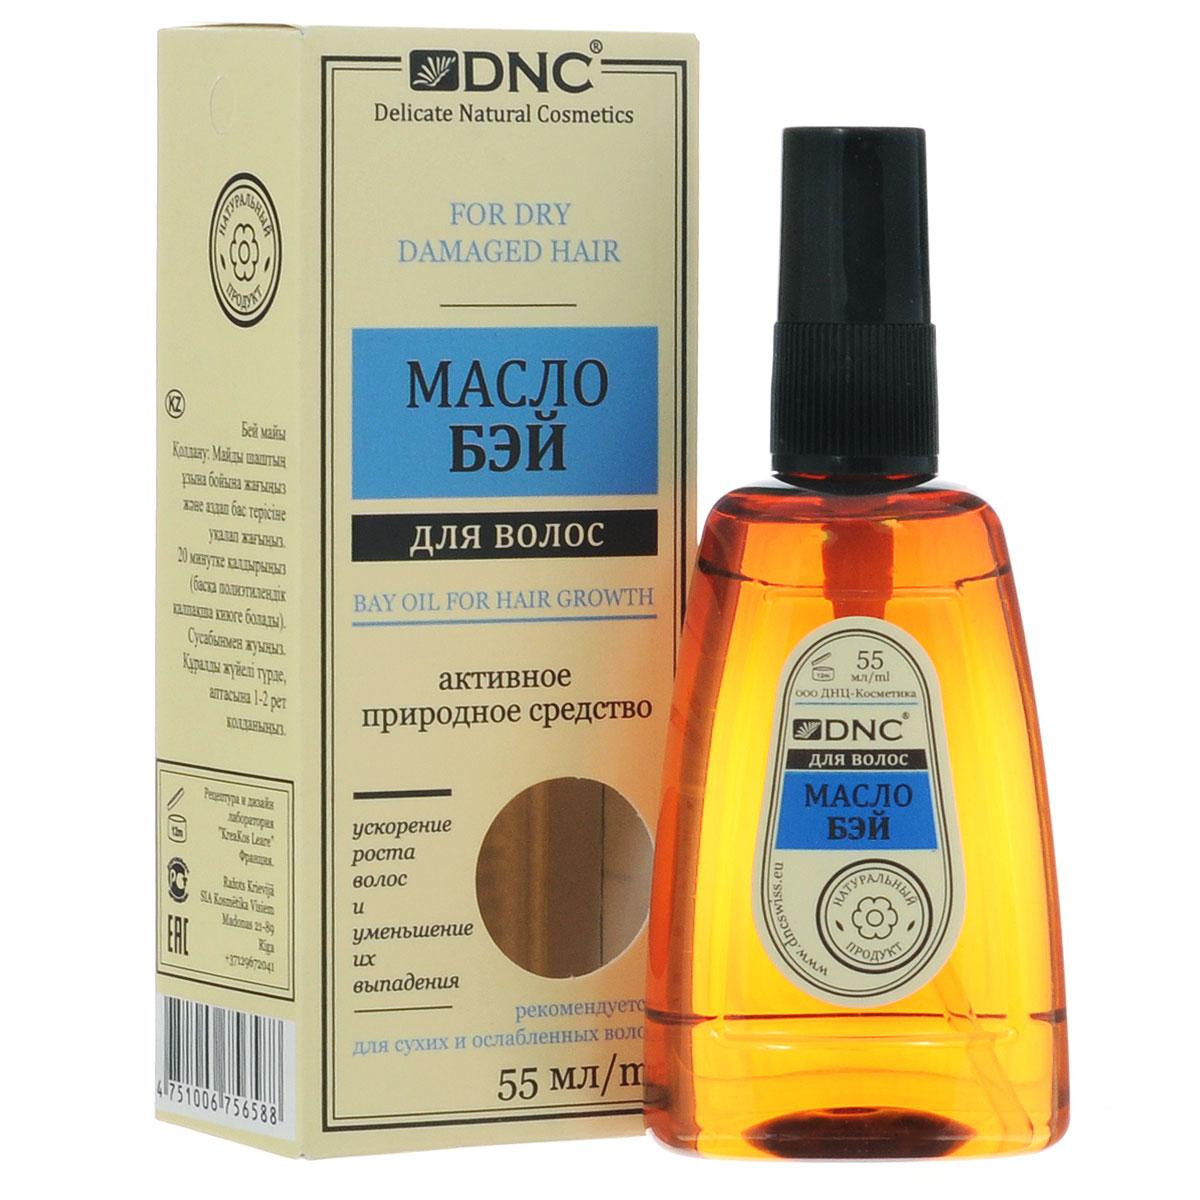 DNC Масло Бэй для волос, 55 мл4751006788Легкая и действенная формула масла для активного восстановления роста волос и прекращения их выпадения. Масло Бэй одно из самых активных природных средств для борьбы с потерей волос и проблемами, связанными с их слабым ростом. Укрепляет, придает силу и здоровый блеск тонким и тусклым волосам. Сверхактивное масло Бэй действует в системе с легкой и мягкой основой из расщепленного и специального подготовленного кокосового масла и витамина Е. Товар сертифицирован.